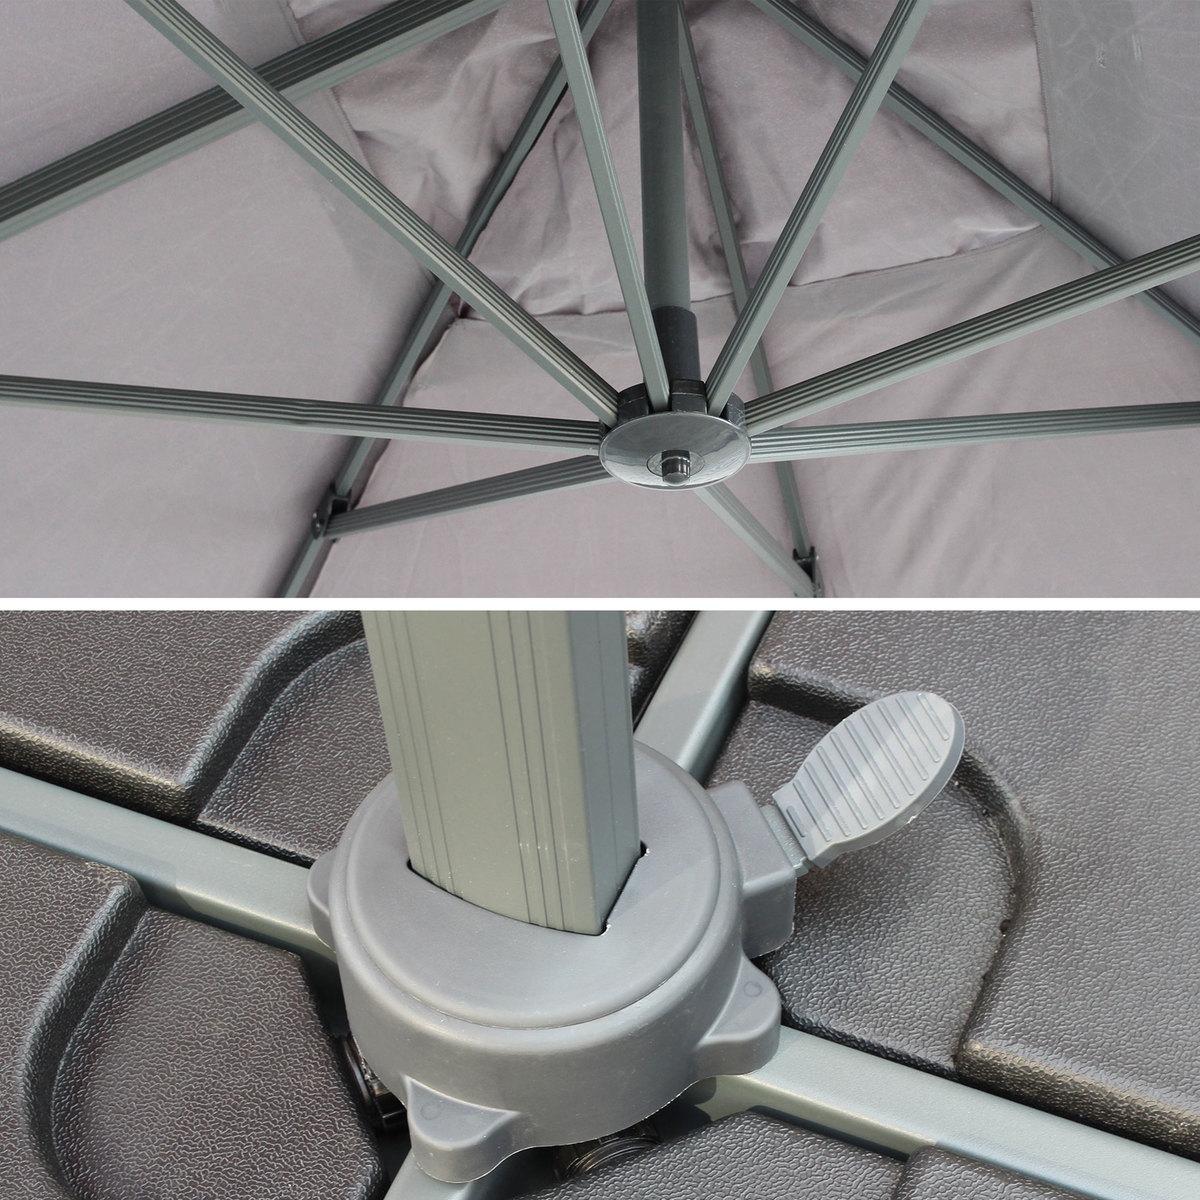 Parasol déporté rectangulaire St. Jean de Luz 3x4m haut de gamme excentré inclinable rotatif à 360° Gris